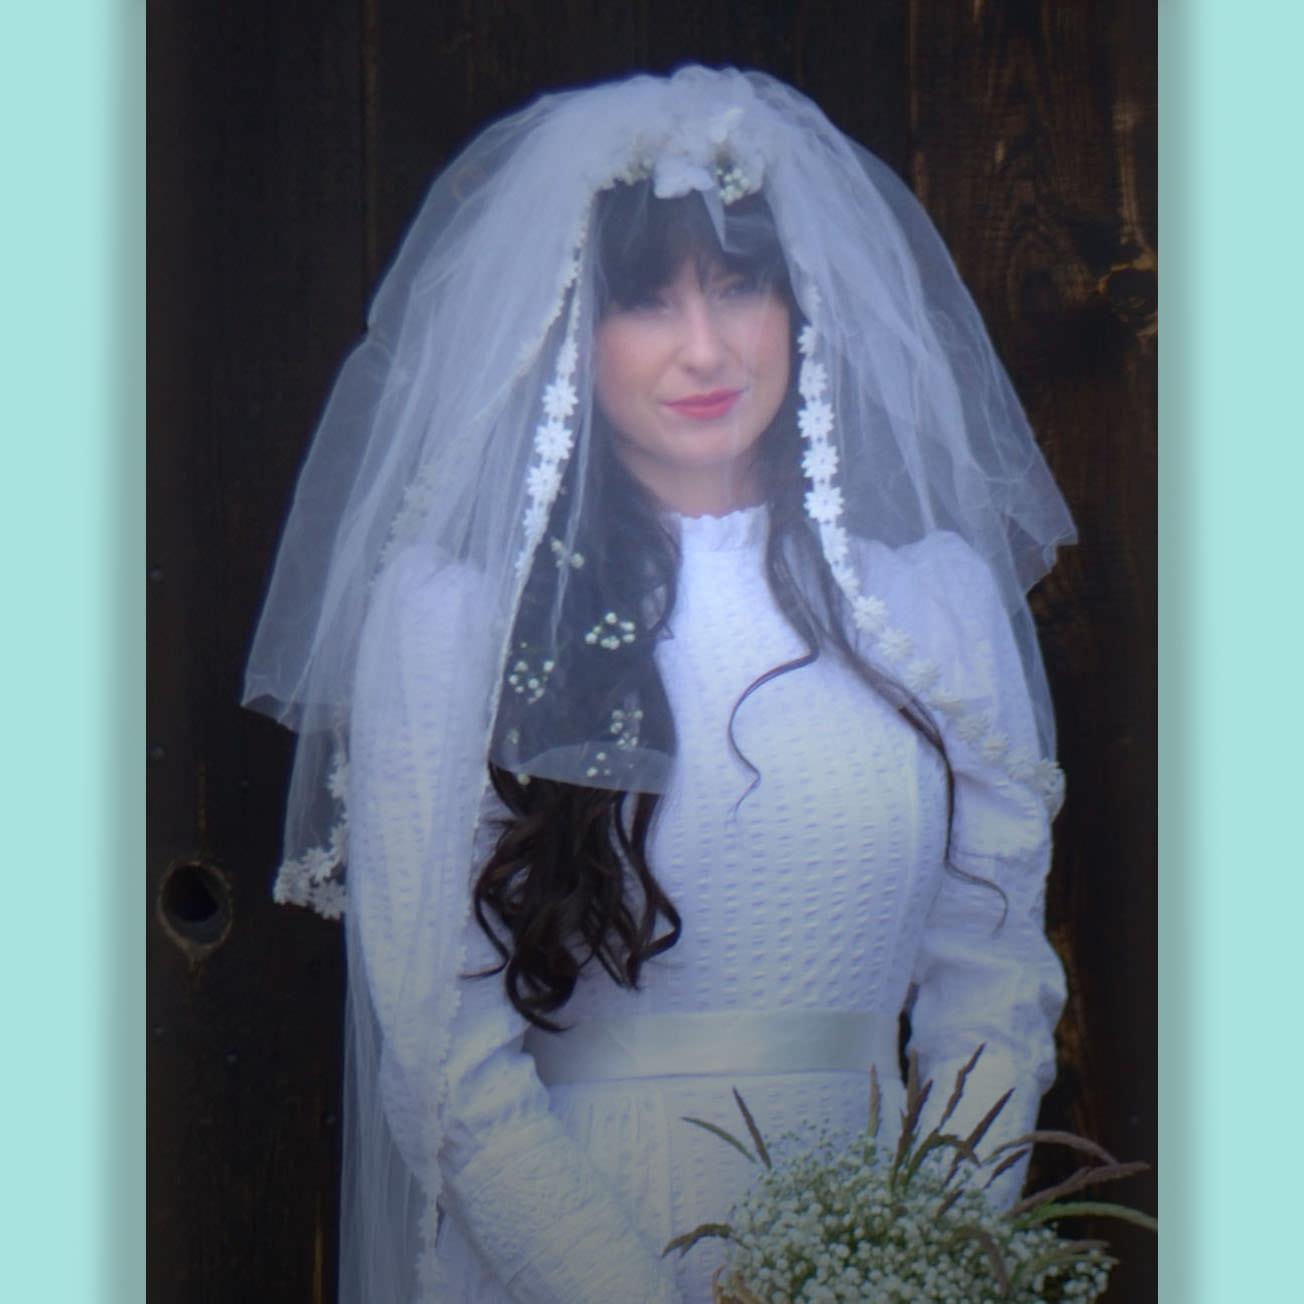 laura+ashley+wedding+dresses laura ashley wedding dresses Satin Beach Bridal Gown